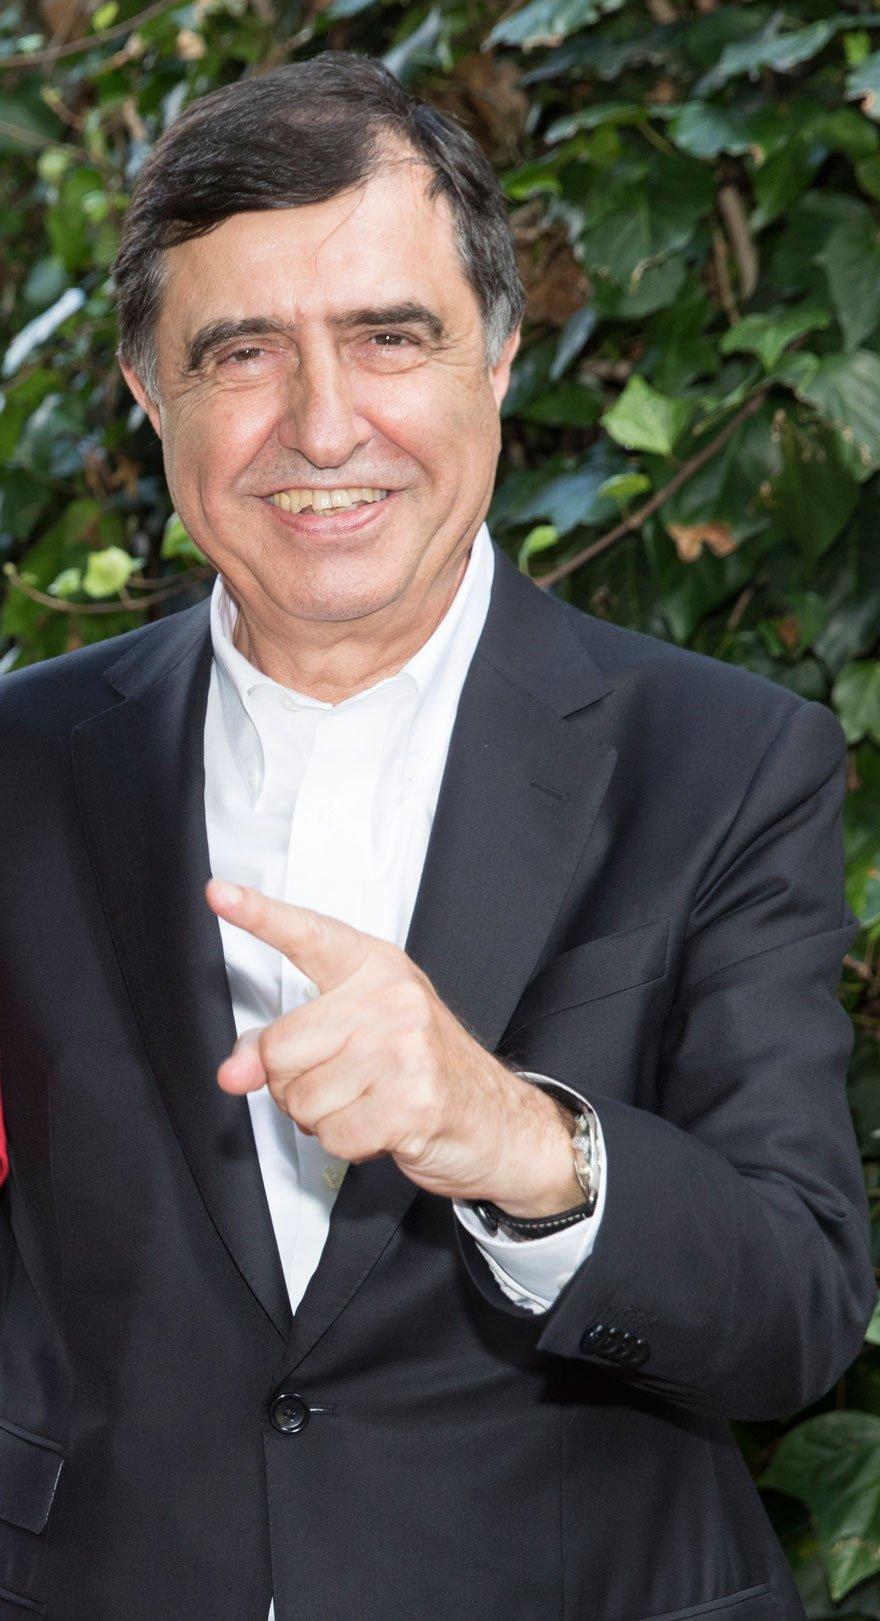 Ahmet Pura Türkiye Reklam Verenler Derneği'nin en uzun süreyle başkanlık yapmış ismi...